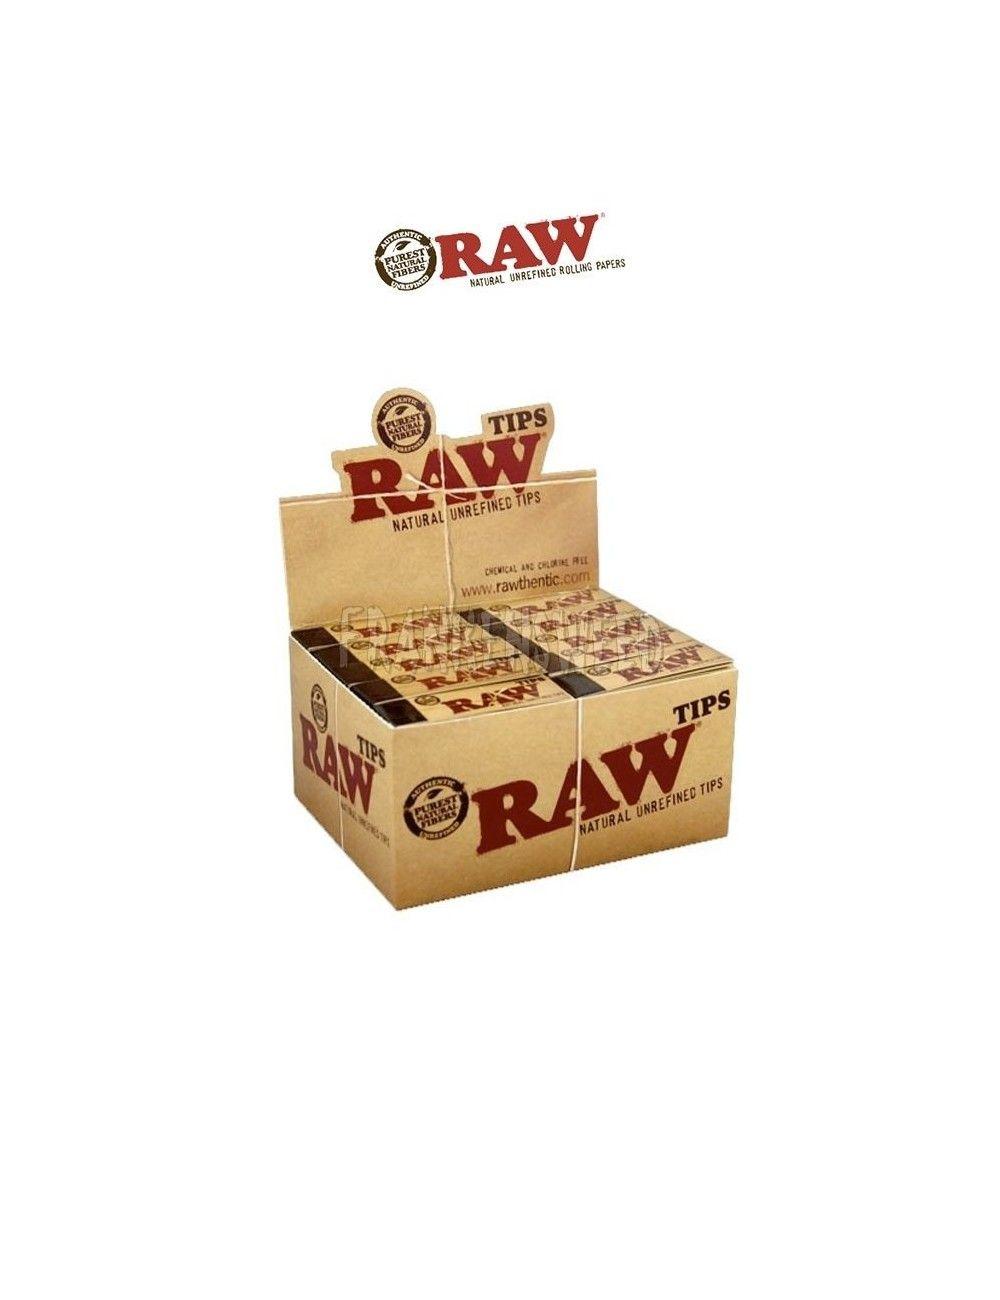 Comprar caja de RAW TIPS CLASSICS Original en Frankensweed Shop Online en España.